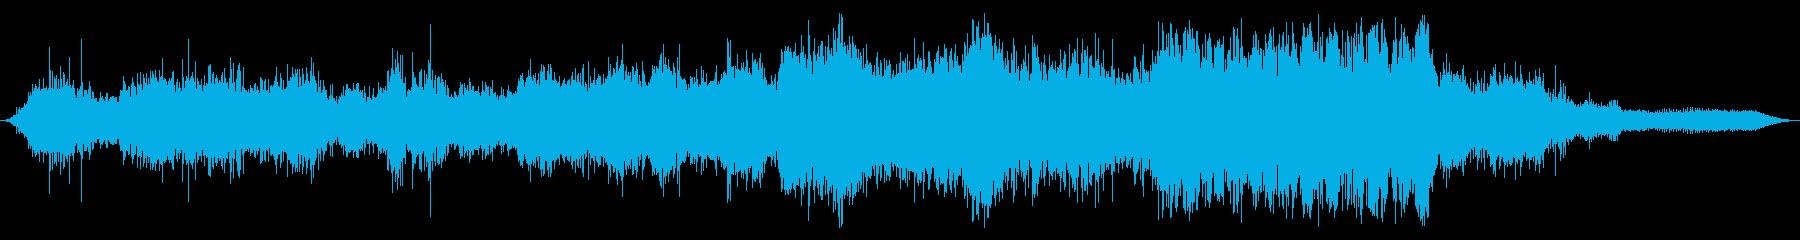 Ext:オンボード:低速から高速へ...の再生済みの波形